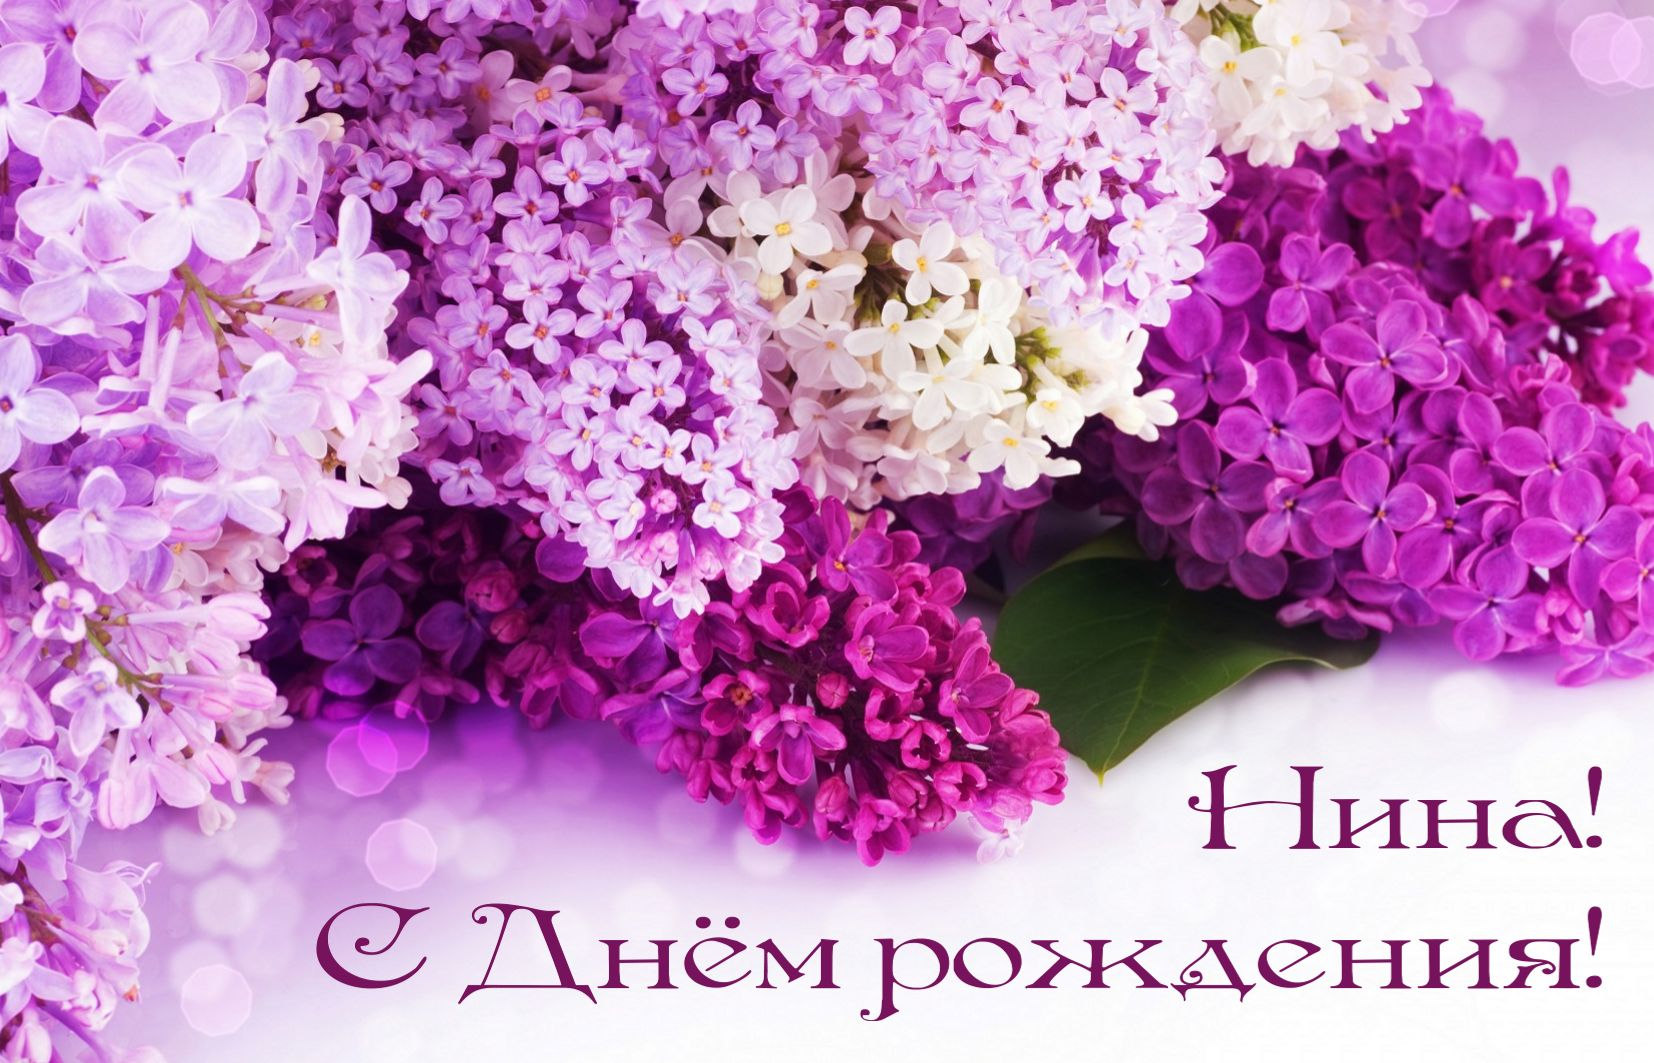 С днём рождения нина красивые открытки